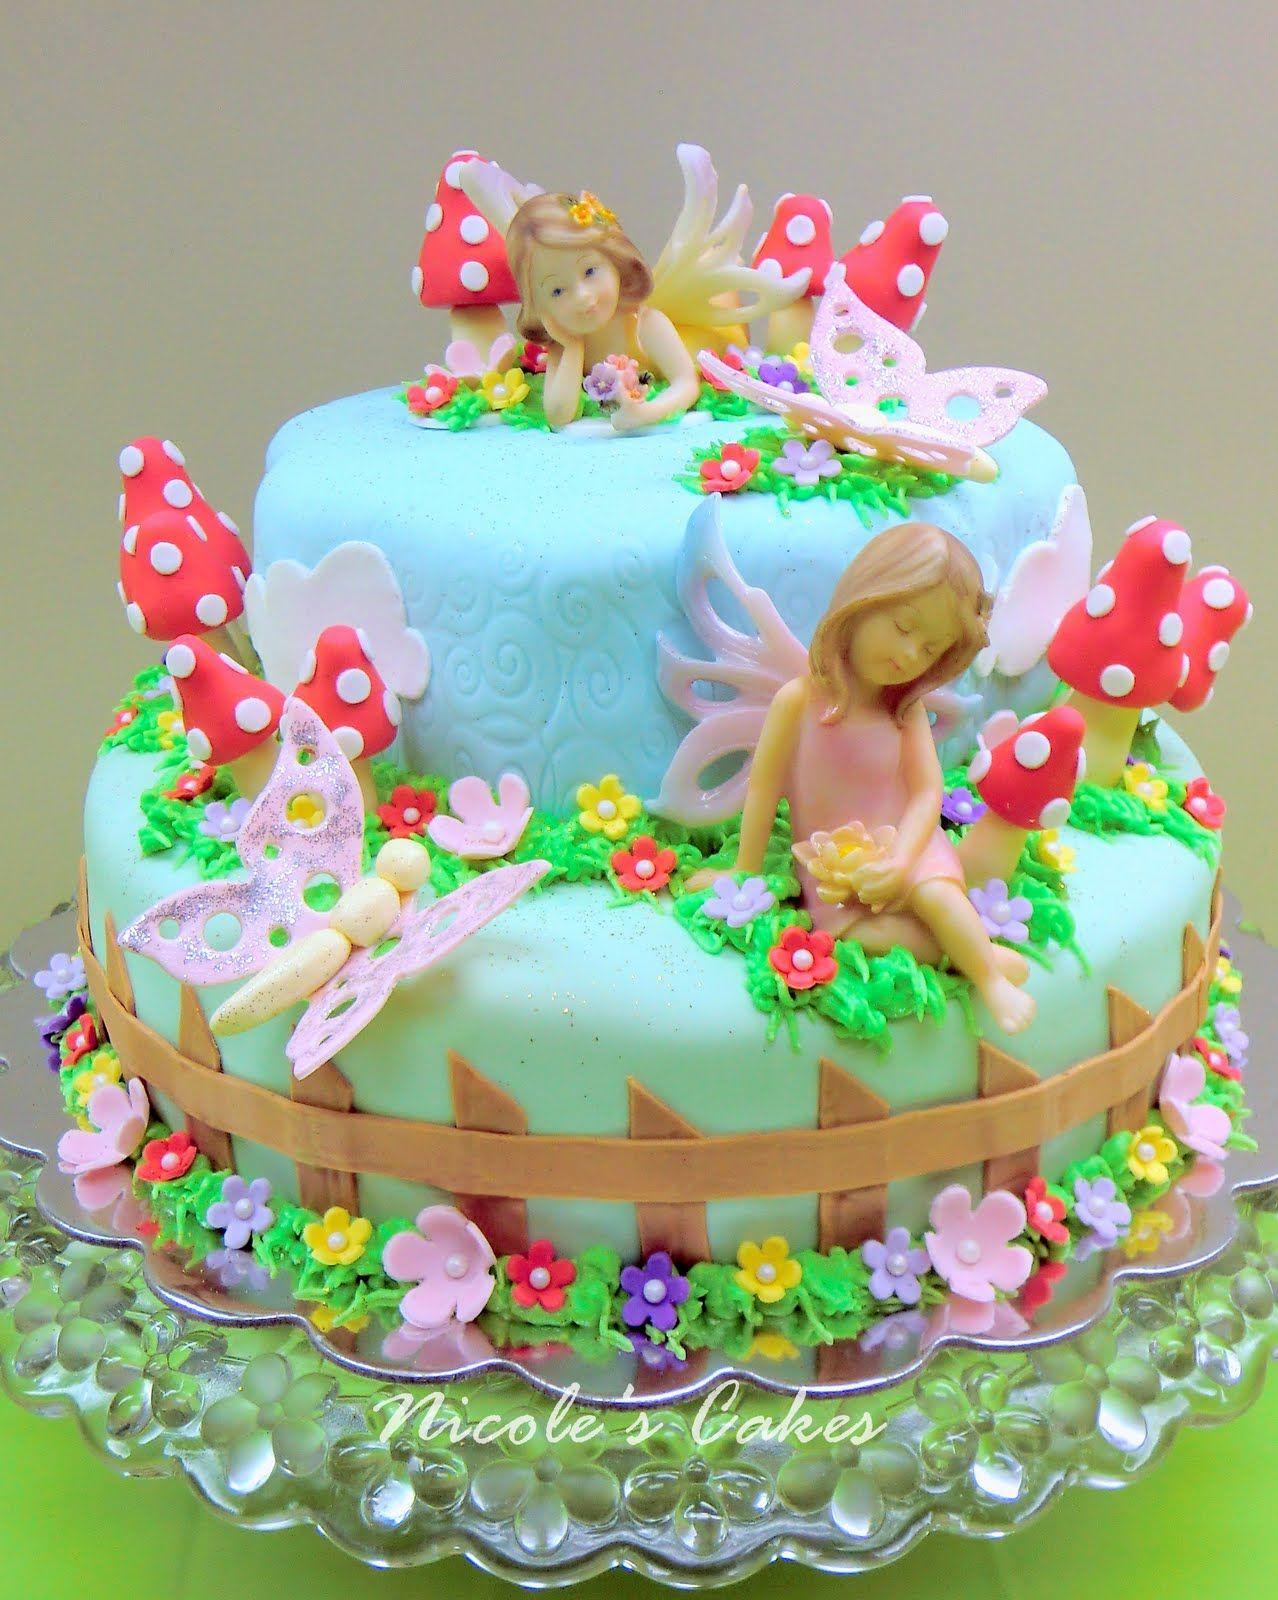 Delanas Cakes Fairy Cake Picture cakepins.com   cakes for different ...